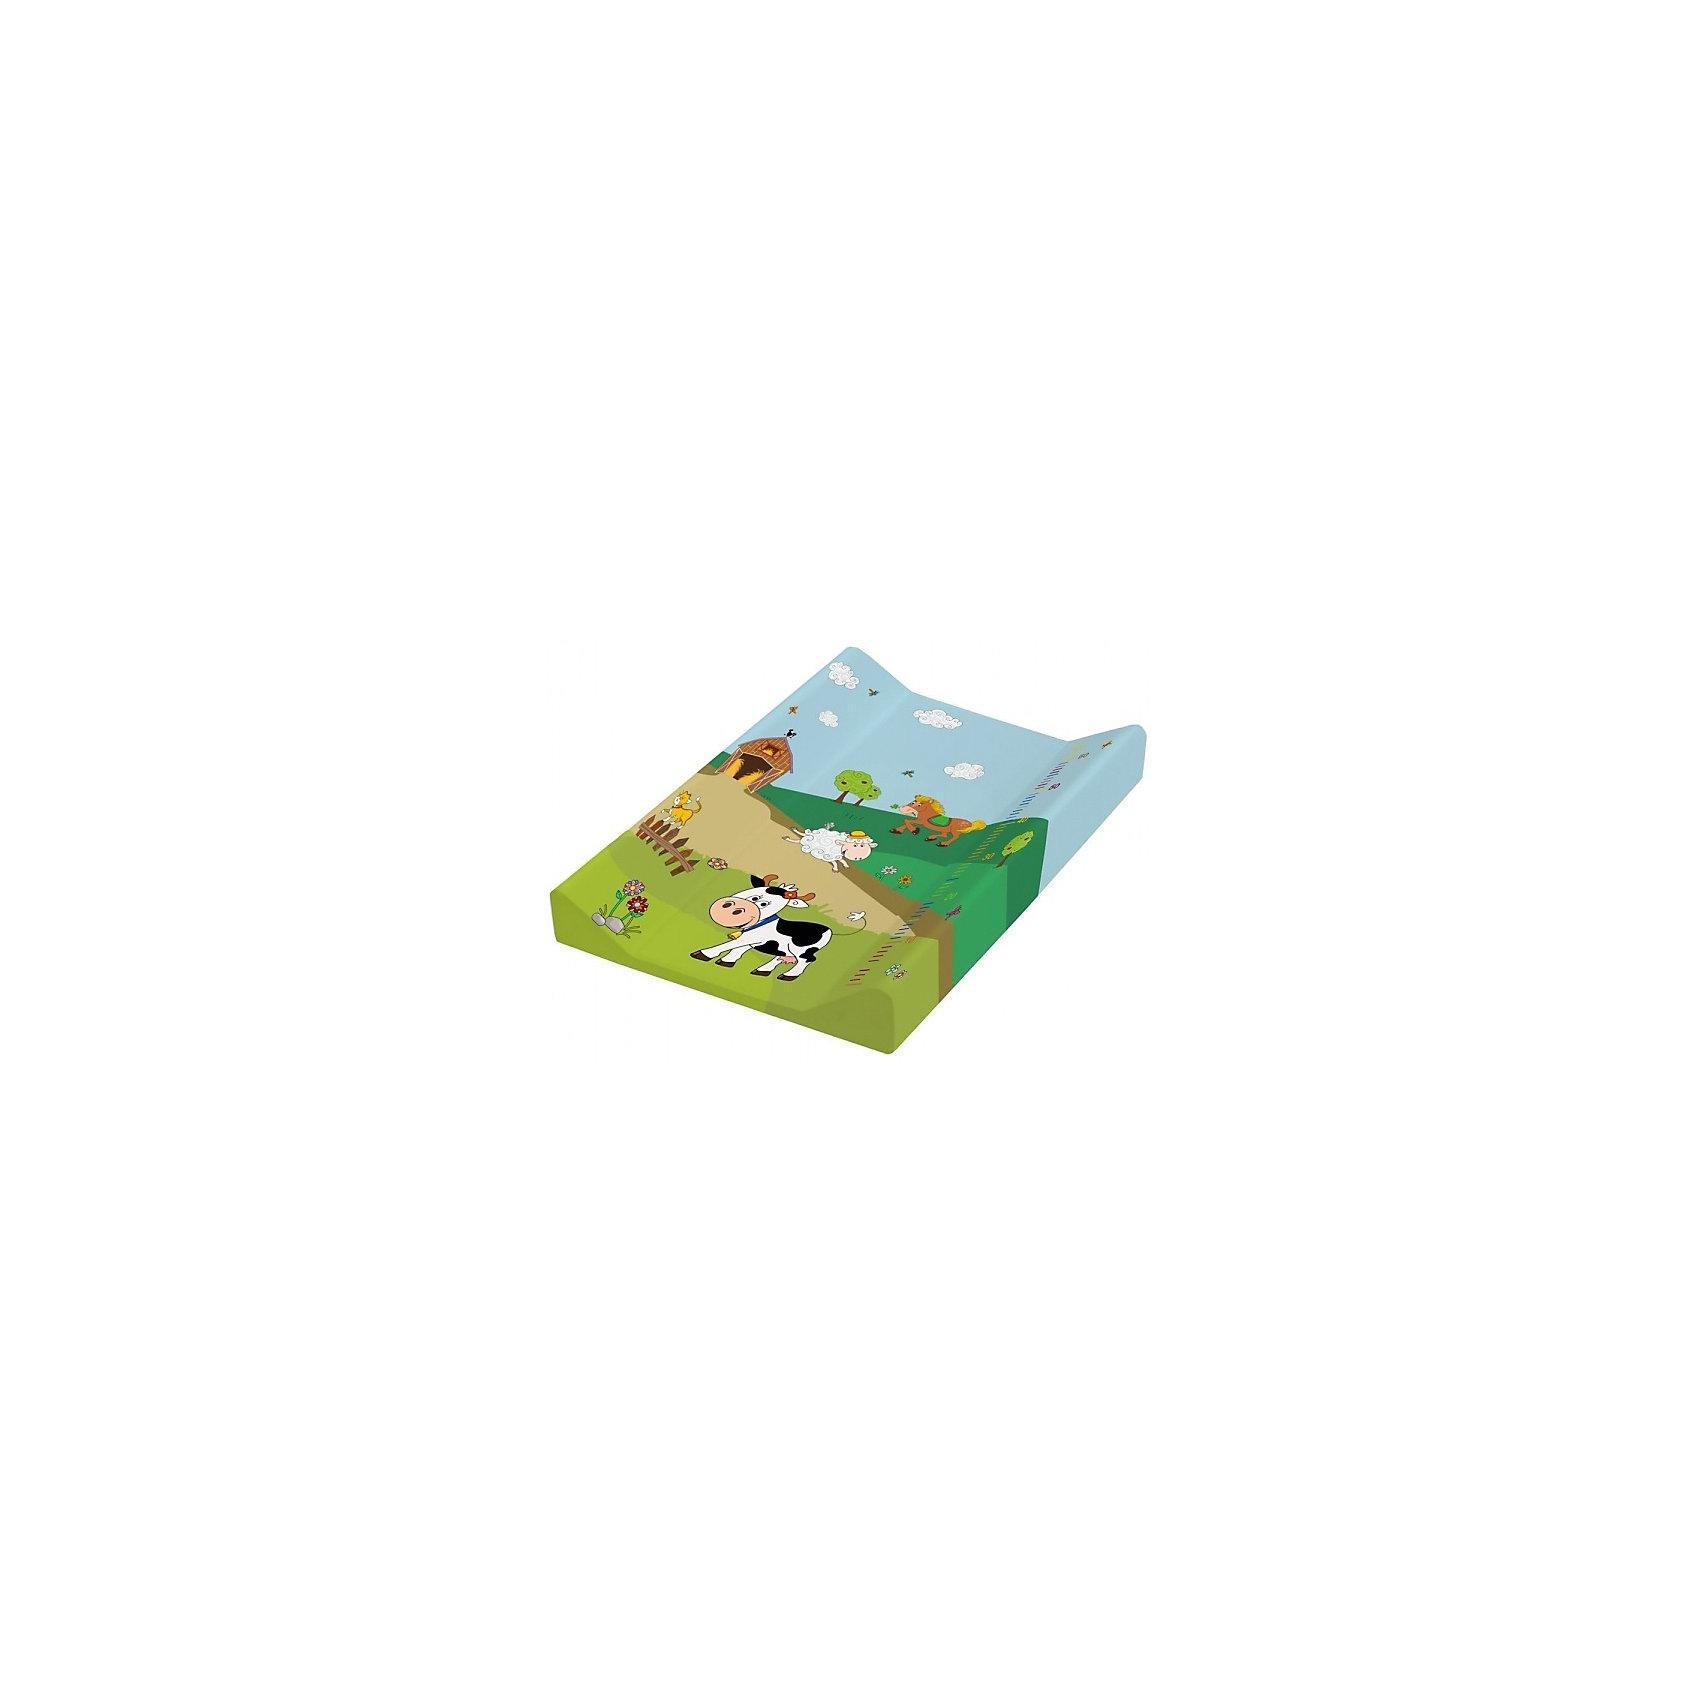 Доска для пеленания Весёлая ферма, OKT, зеленыйПеленание<br>Доска для пеленания Весёлая ферма, превратит ежедневные гигиенические процедуры в веселую игру. Устойчивая доска покрыта водонепроницаемым материалом, поэтому она очень удобна в уходе. Яркая расцветка привлечет малыша и он будет меньше капризничать. Благодаря меркам нанесенным на край доски, Вы легко сможете следить за ростом малыша. Высокие бортики уберегут кроху от соскальзывания, а устойчивое основание позволит Вам расположить доску там, где это необходимо.<br> <br>Дополнительная информация:<br><br>- Экономит место в квартире;<br>- Удобная прямоугольная форма;<br>- Прекрасно подходит для проведения гигиенических процедур и массажа;<br>- Возможность измерения роста;<br>- Водонепроницаемое покрытие;<br>- Высокие бортики для безопасности;<br>- Яркая расцветка;<br>- Цвет: зеленый;<br>- Размер: 70 х 50 х 10 см;<br>- Вес: 2,5 кг<br><br>Доску для пеленания Весёлая ферма, OKT, зеленую можно купить в нашем интернет-магазине.<br><br>Ширина мм: 770<br>Глубина мм: 720<br>Высота мм: 490<br>Вес г: 2563<br>Возраст от месяцев: 0<br>Возраст до месяцев: 12<br>Пол: Унисекс<br>Возраст: Детский<br>SKU: 4026466